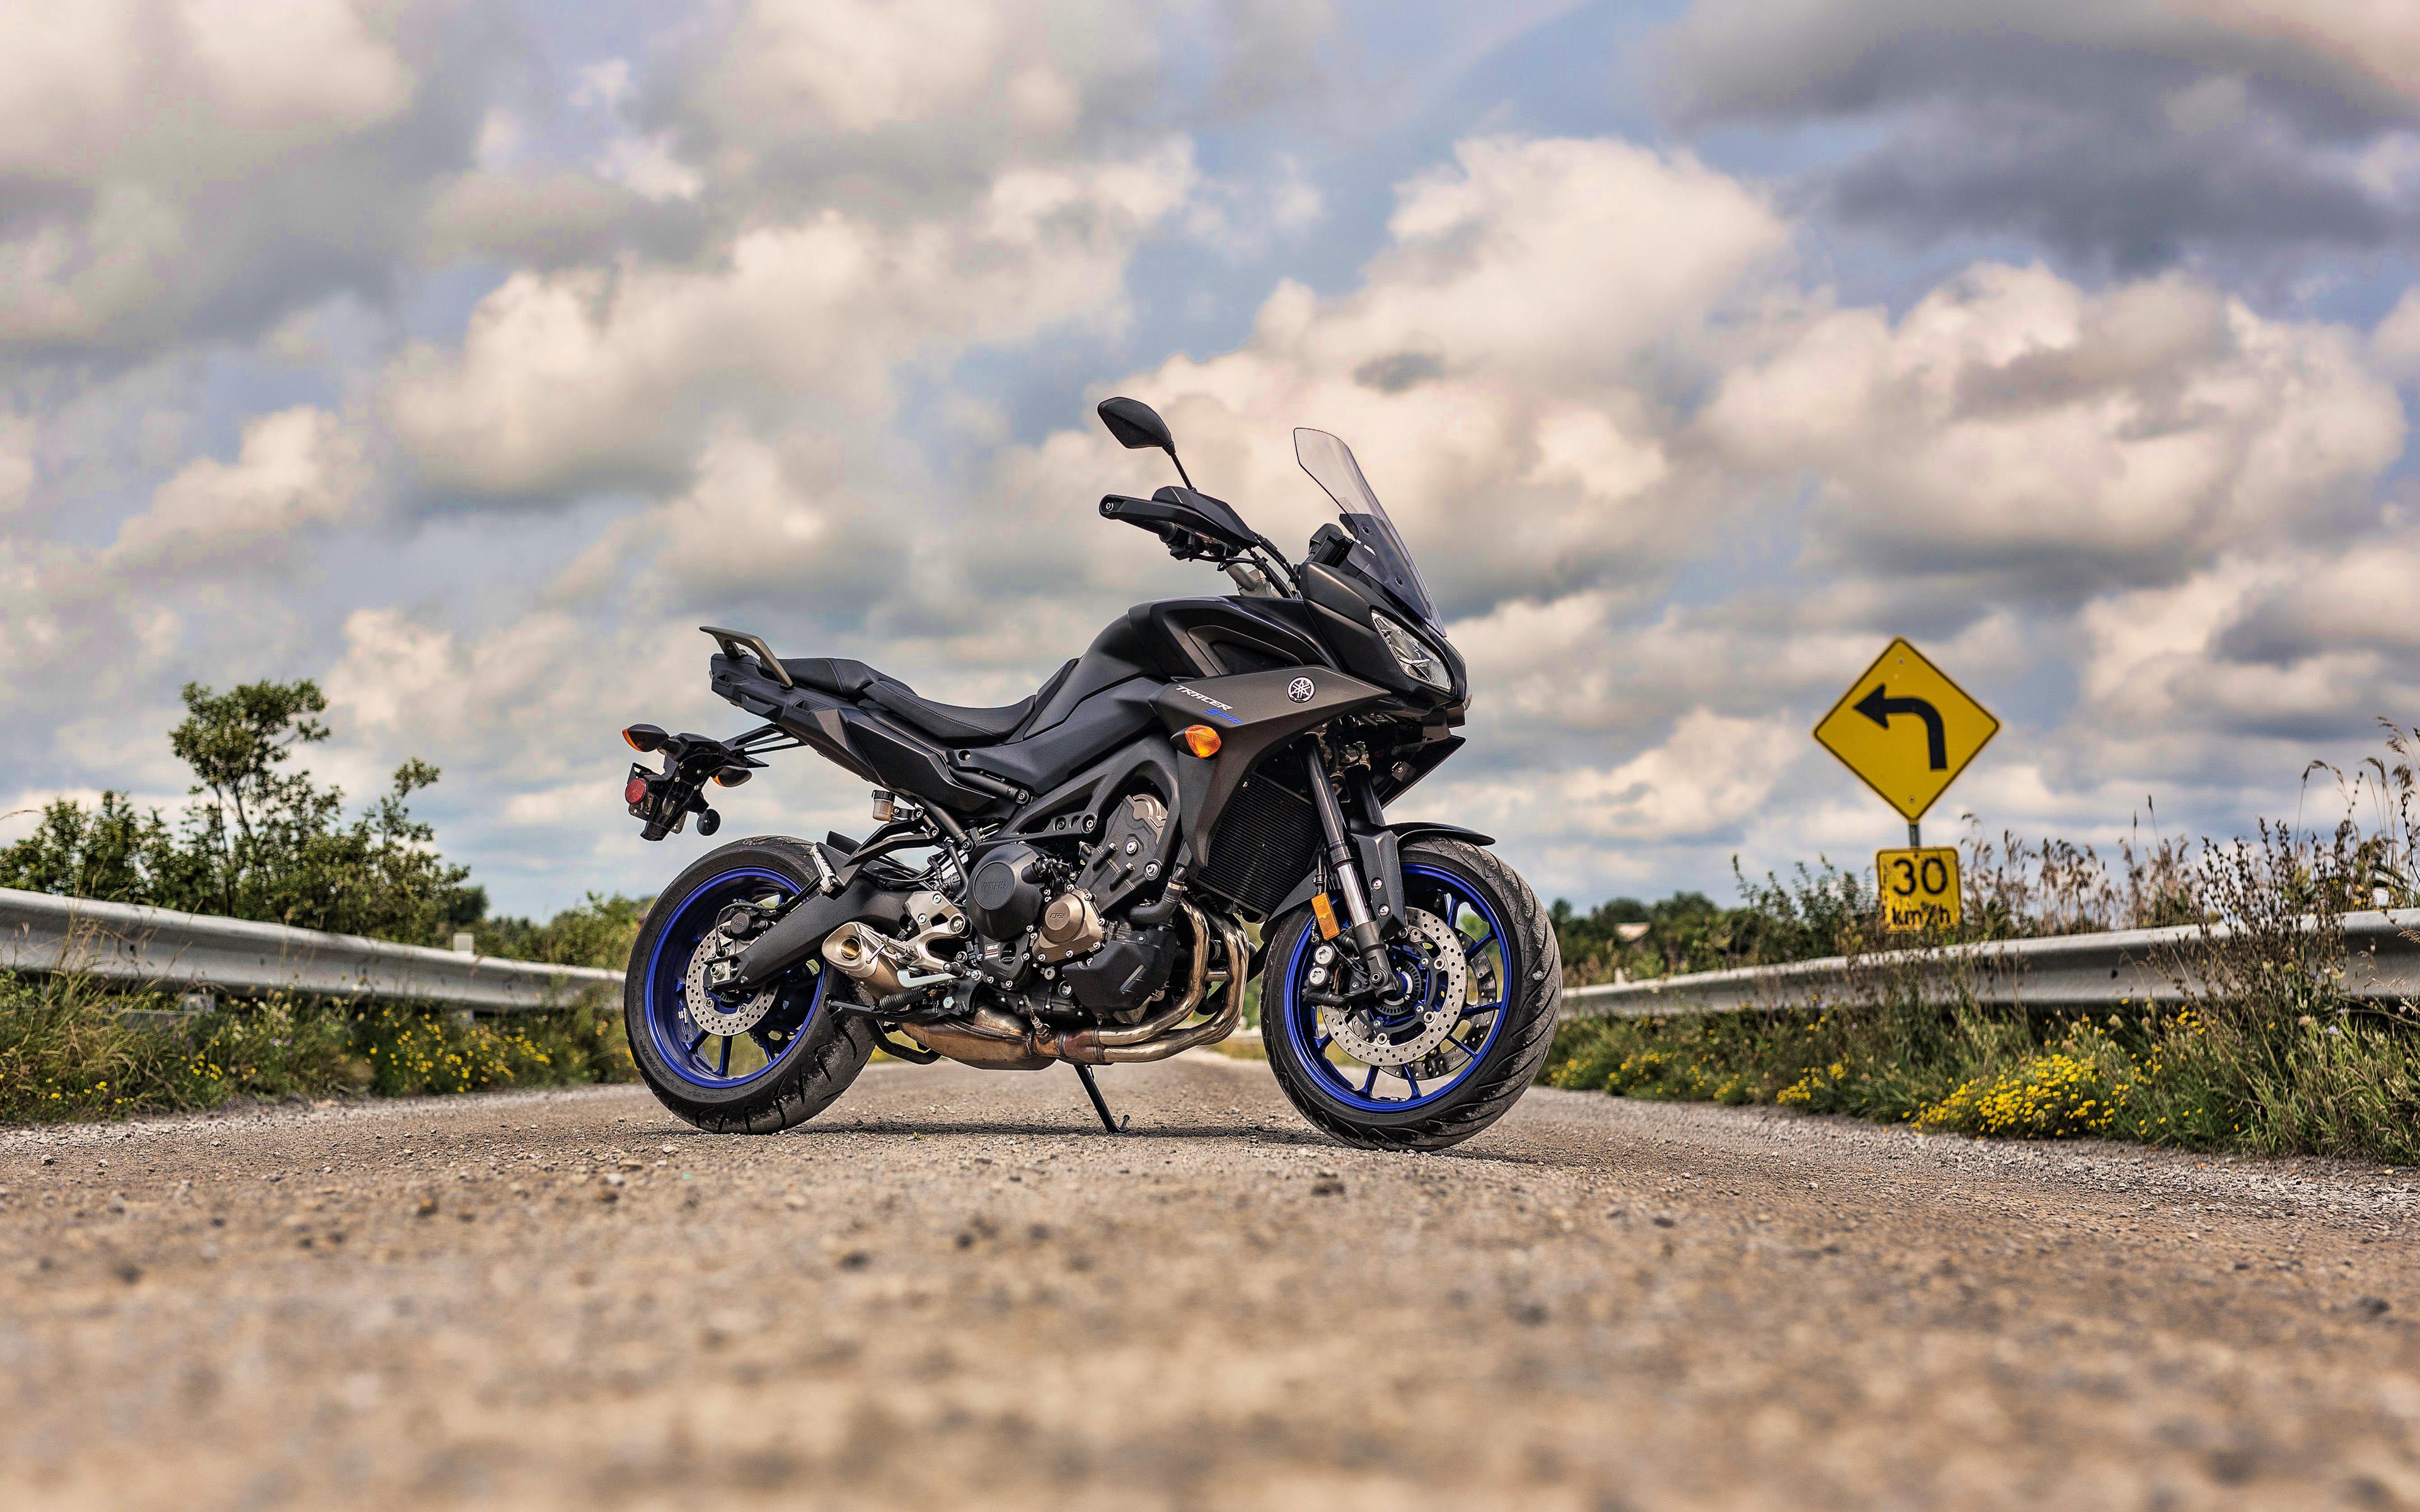 Тест-драйв мотоцикла Yamaha MT-09 Tracer